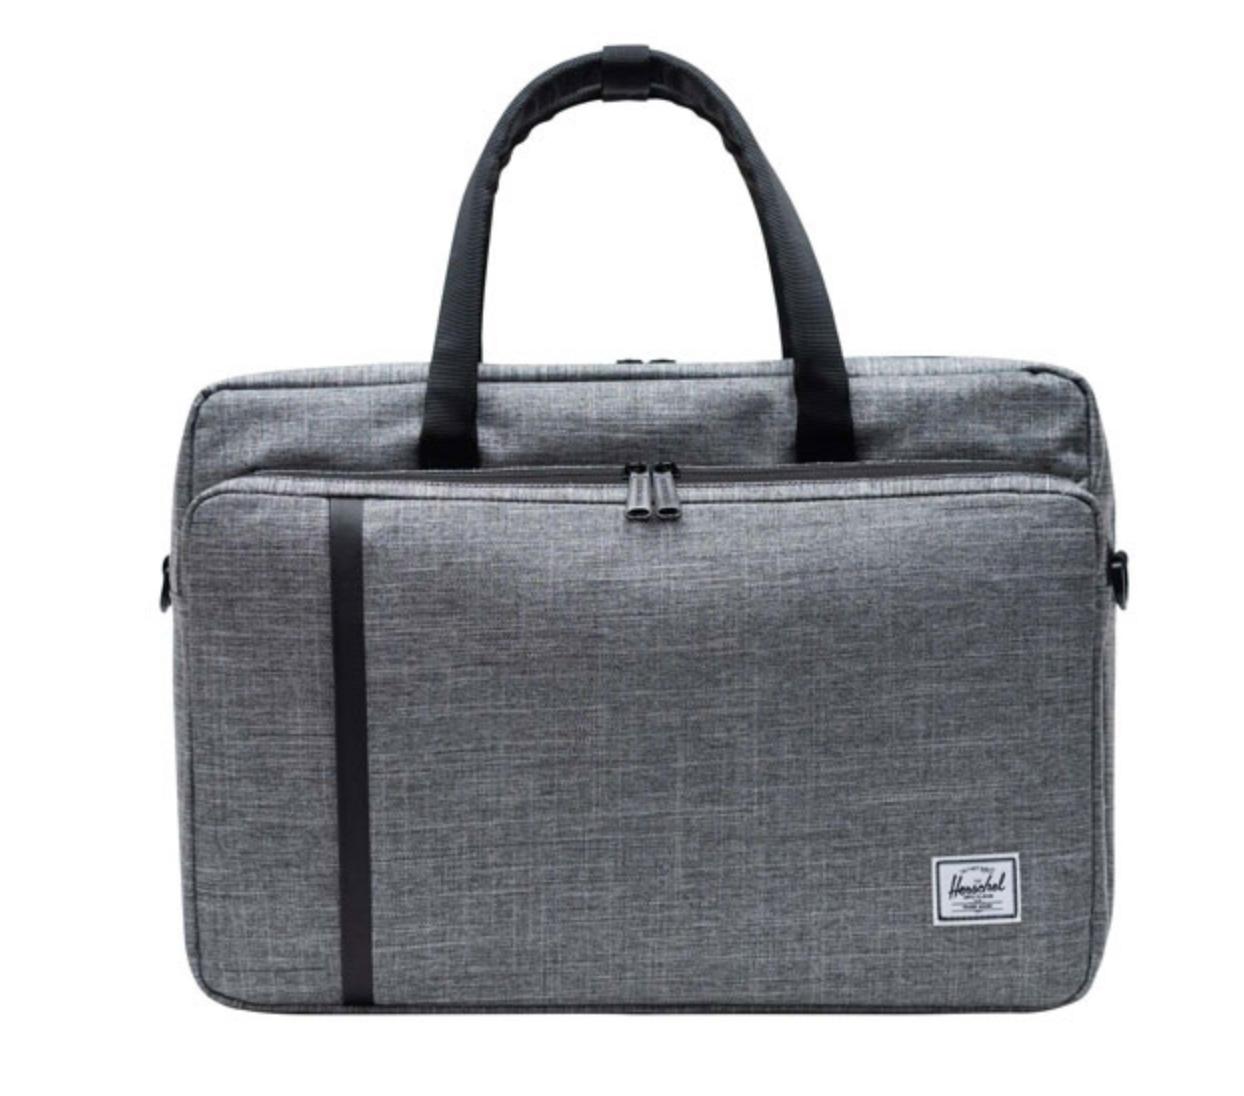 Herschel Supply Co. Gibson messenger bag